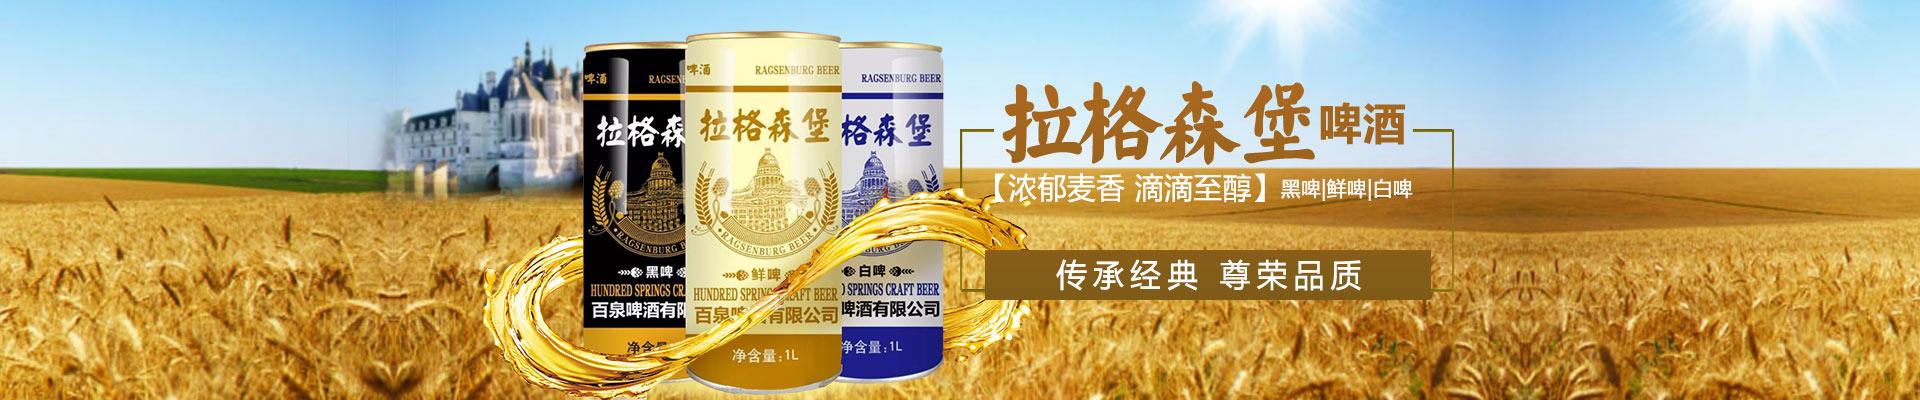 山东潍坊百泉啤酒有限公司